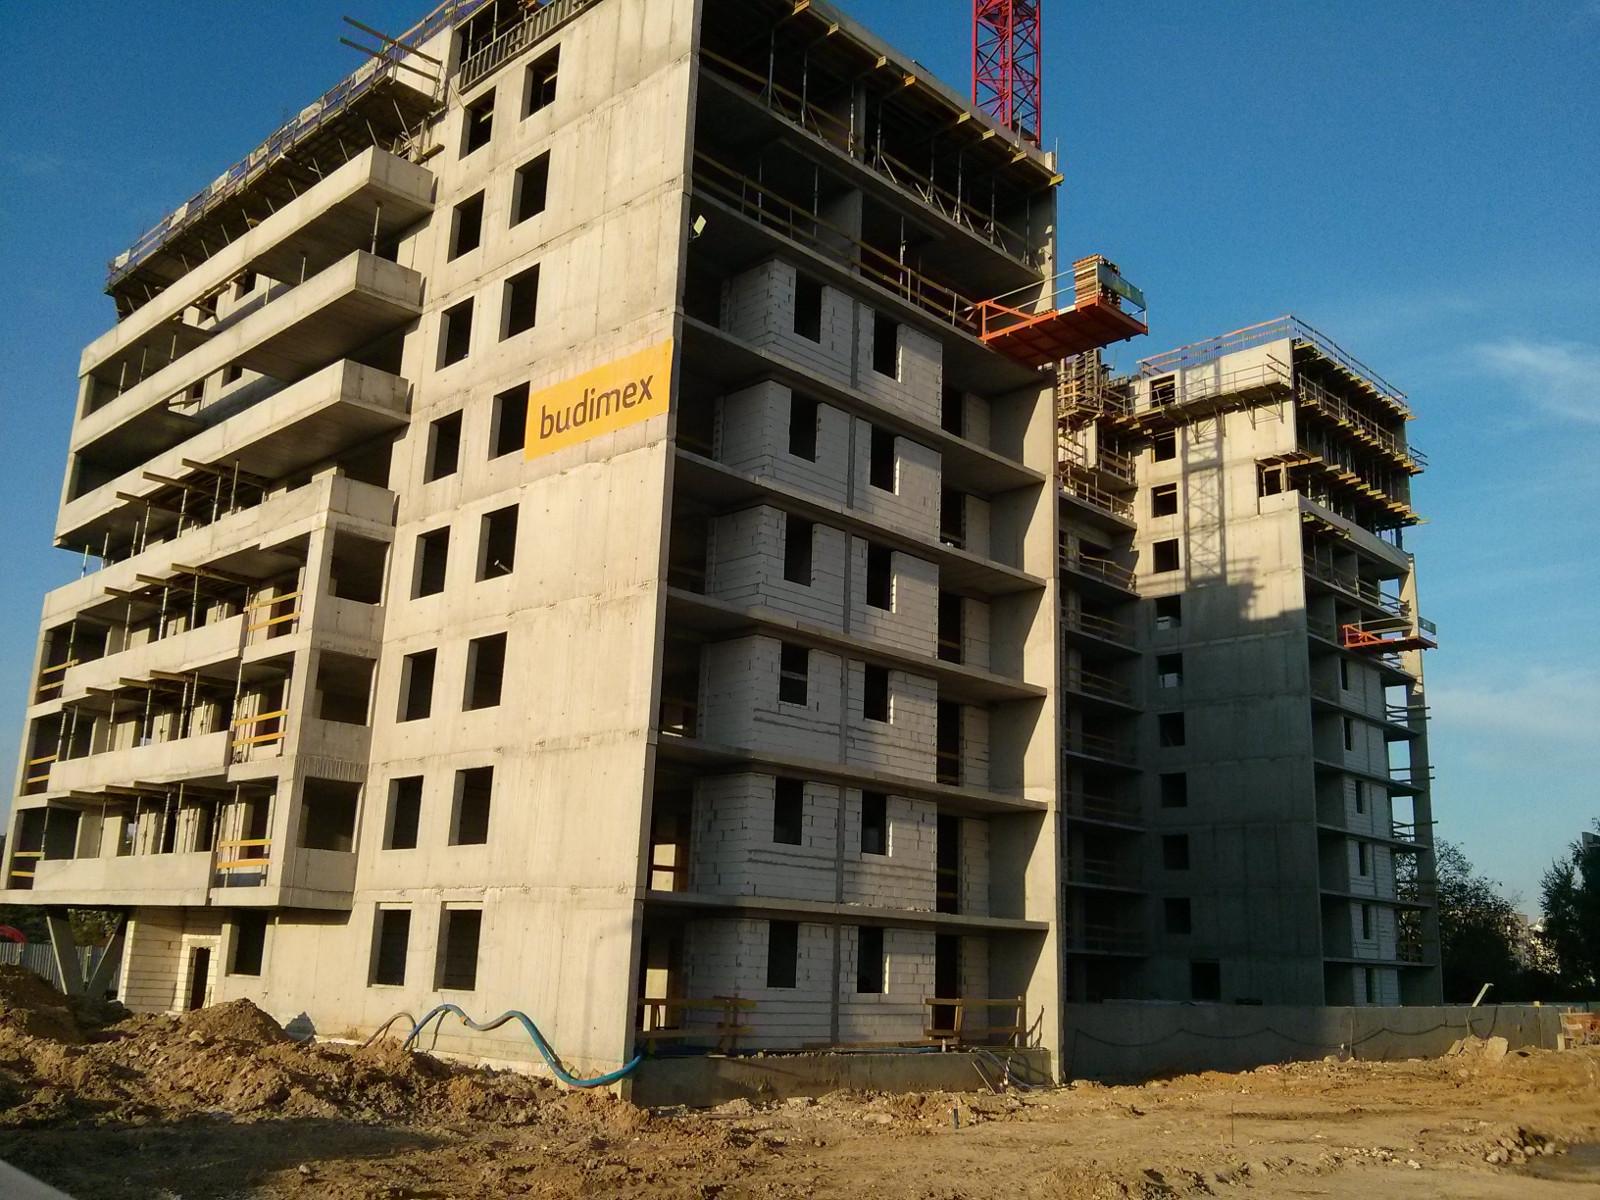 Budimex Nieruchomości buduje osiedle Avia 2 w Krakowie Czyżynach